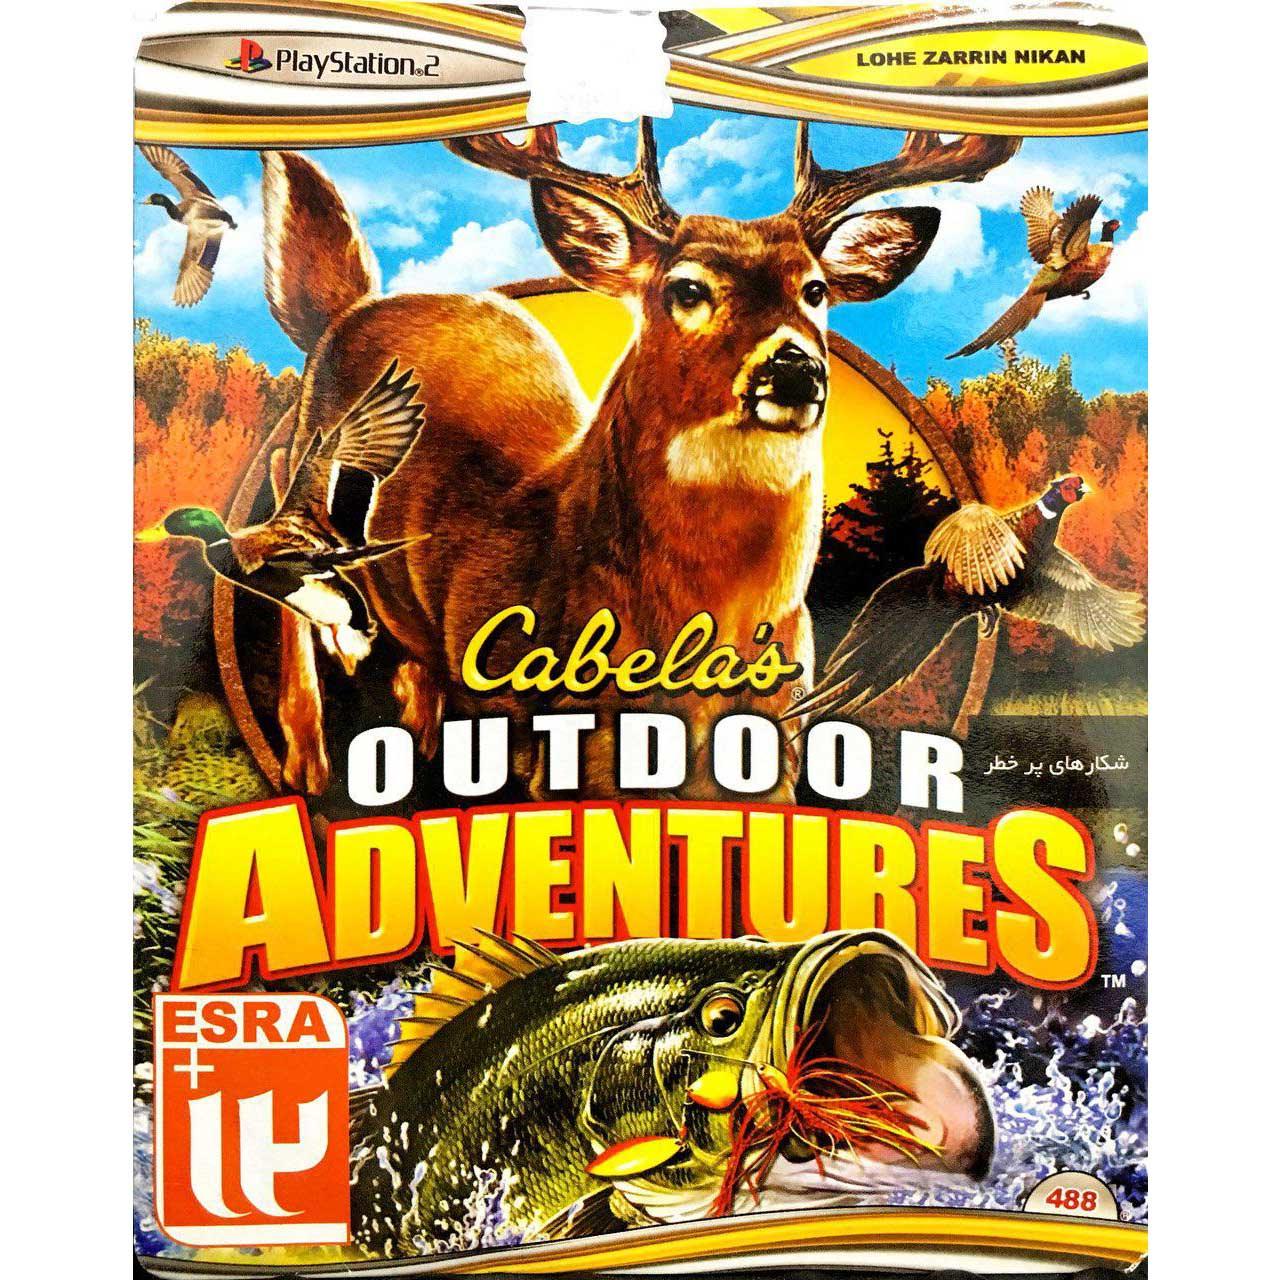 بازی Cabelas Outdoor Adventures مخصوص پلی استیشن 2